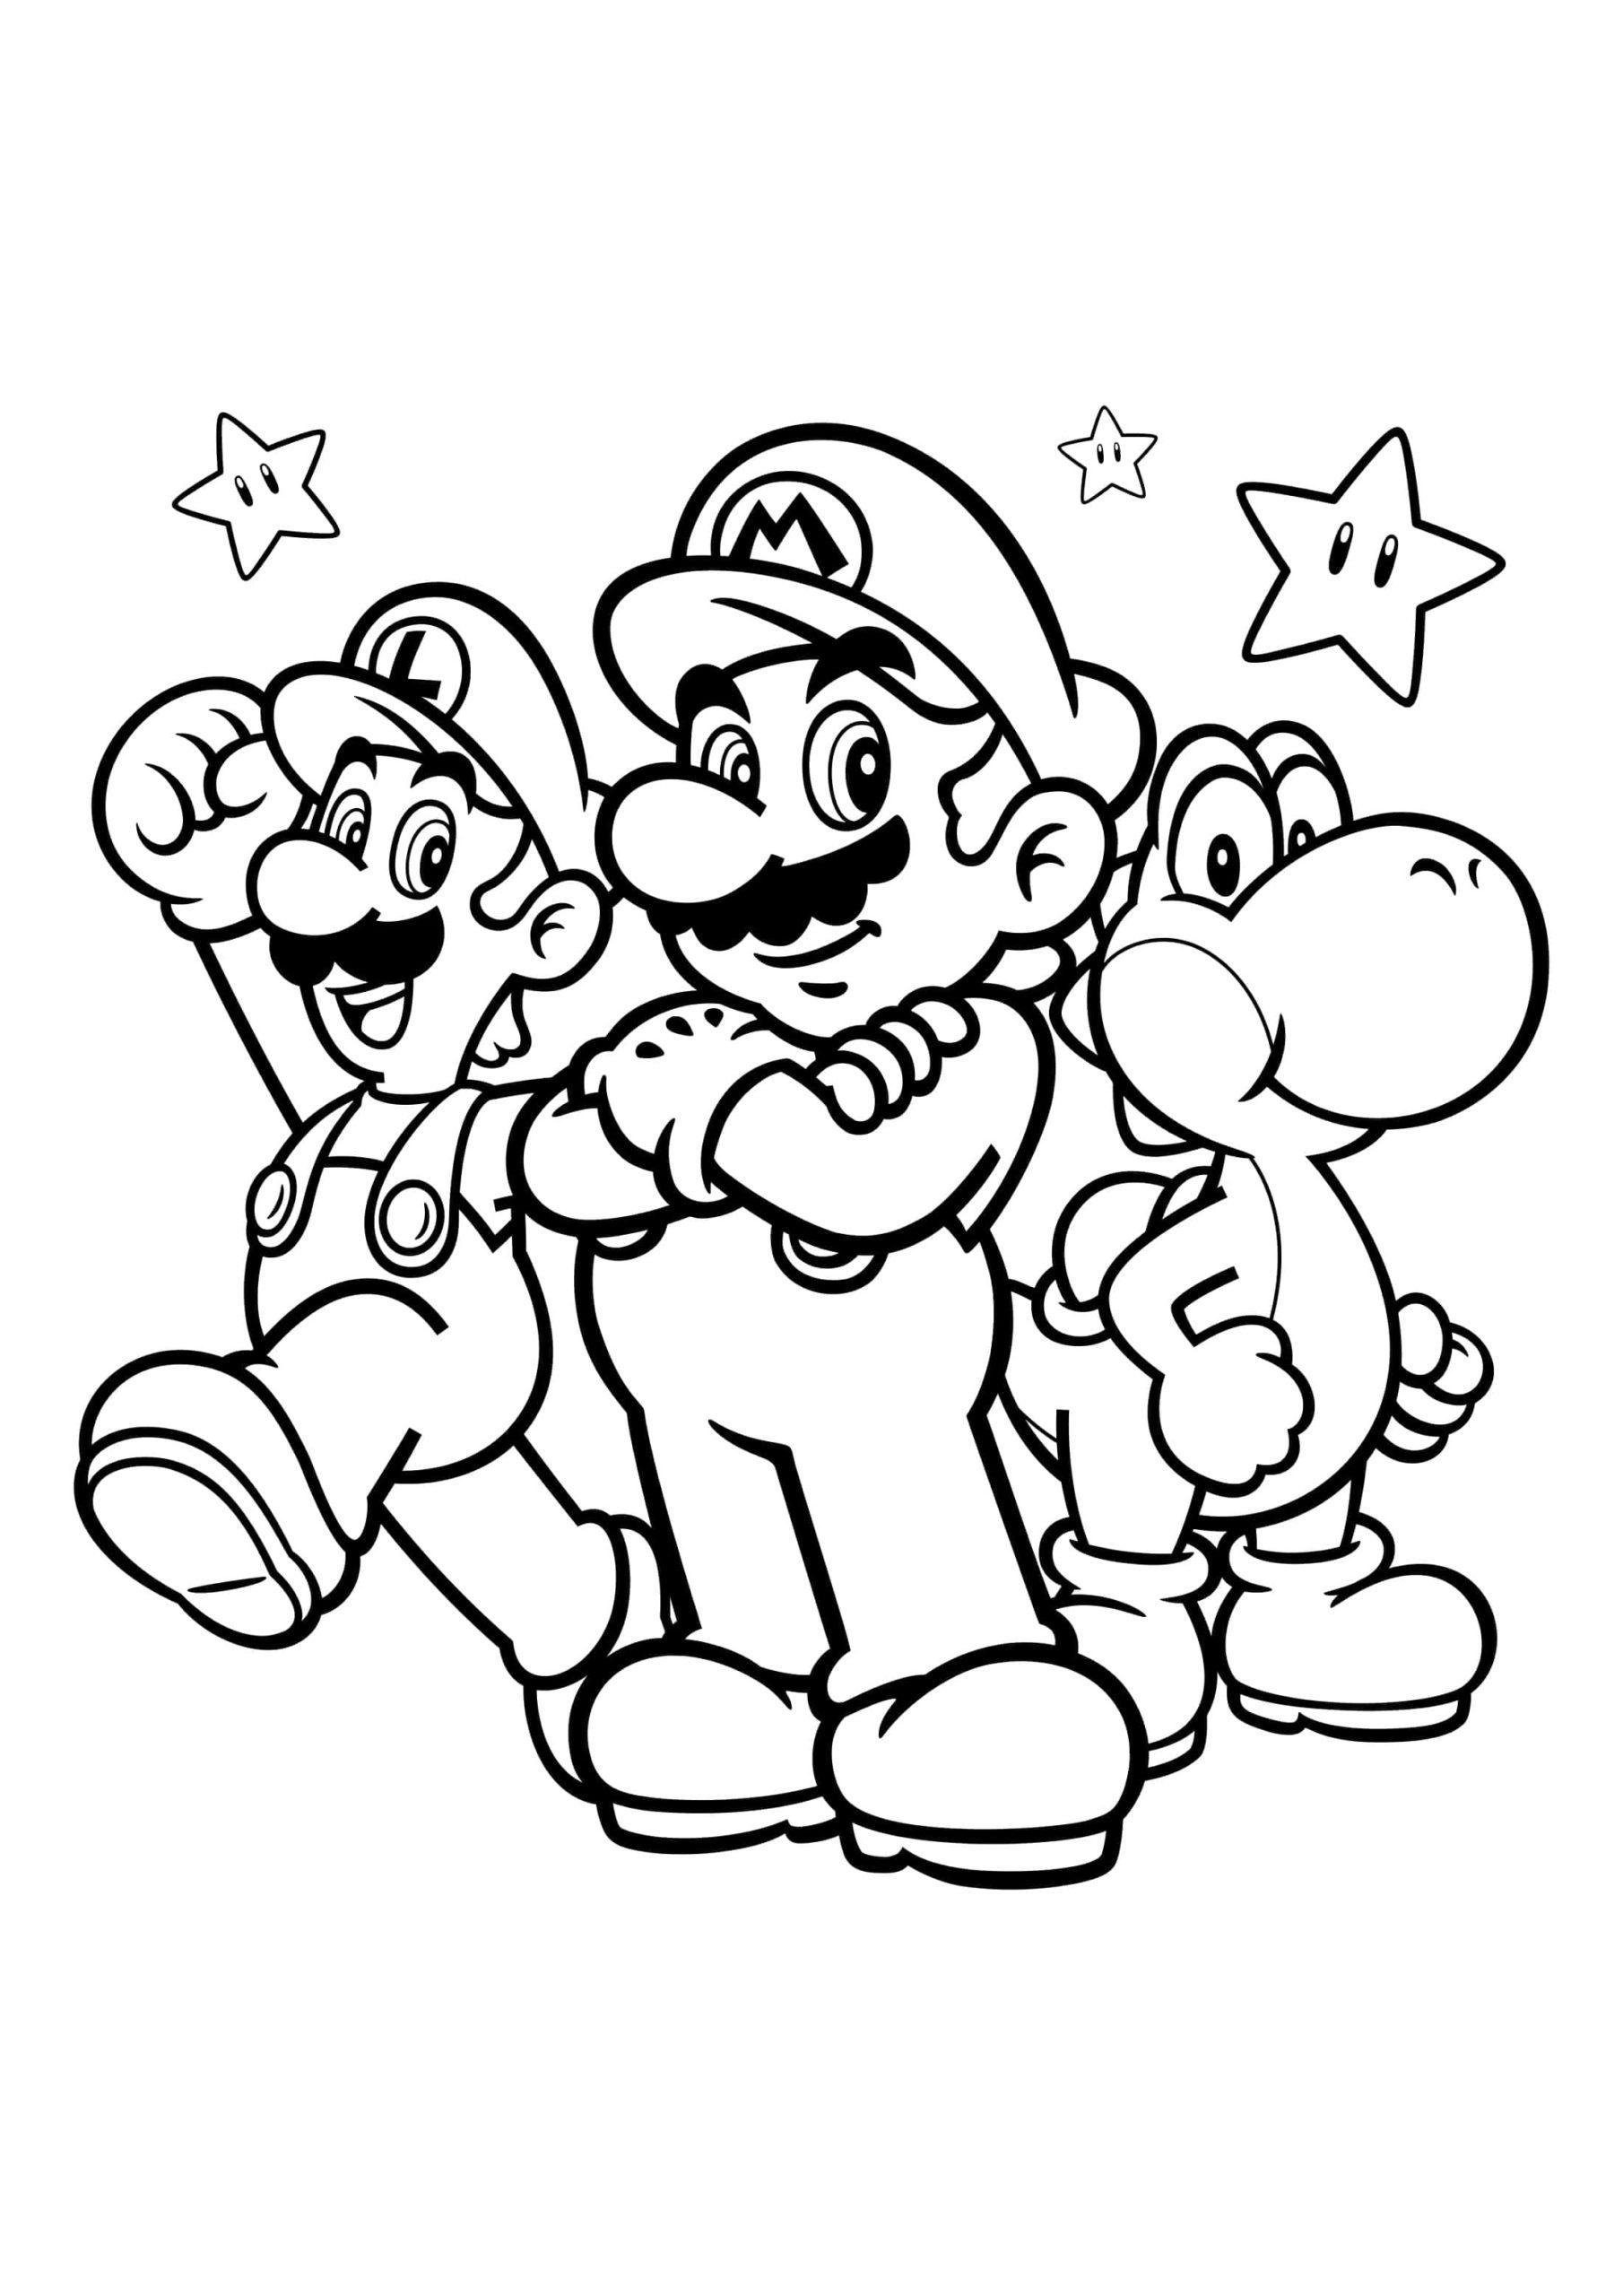 Ausmalbilder Luigi  23 Malvorlagen Kostenlos zum Drucken